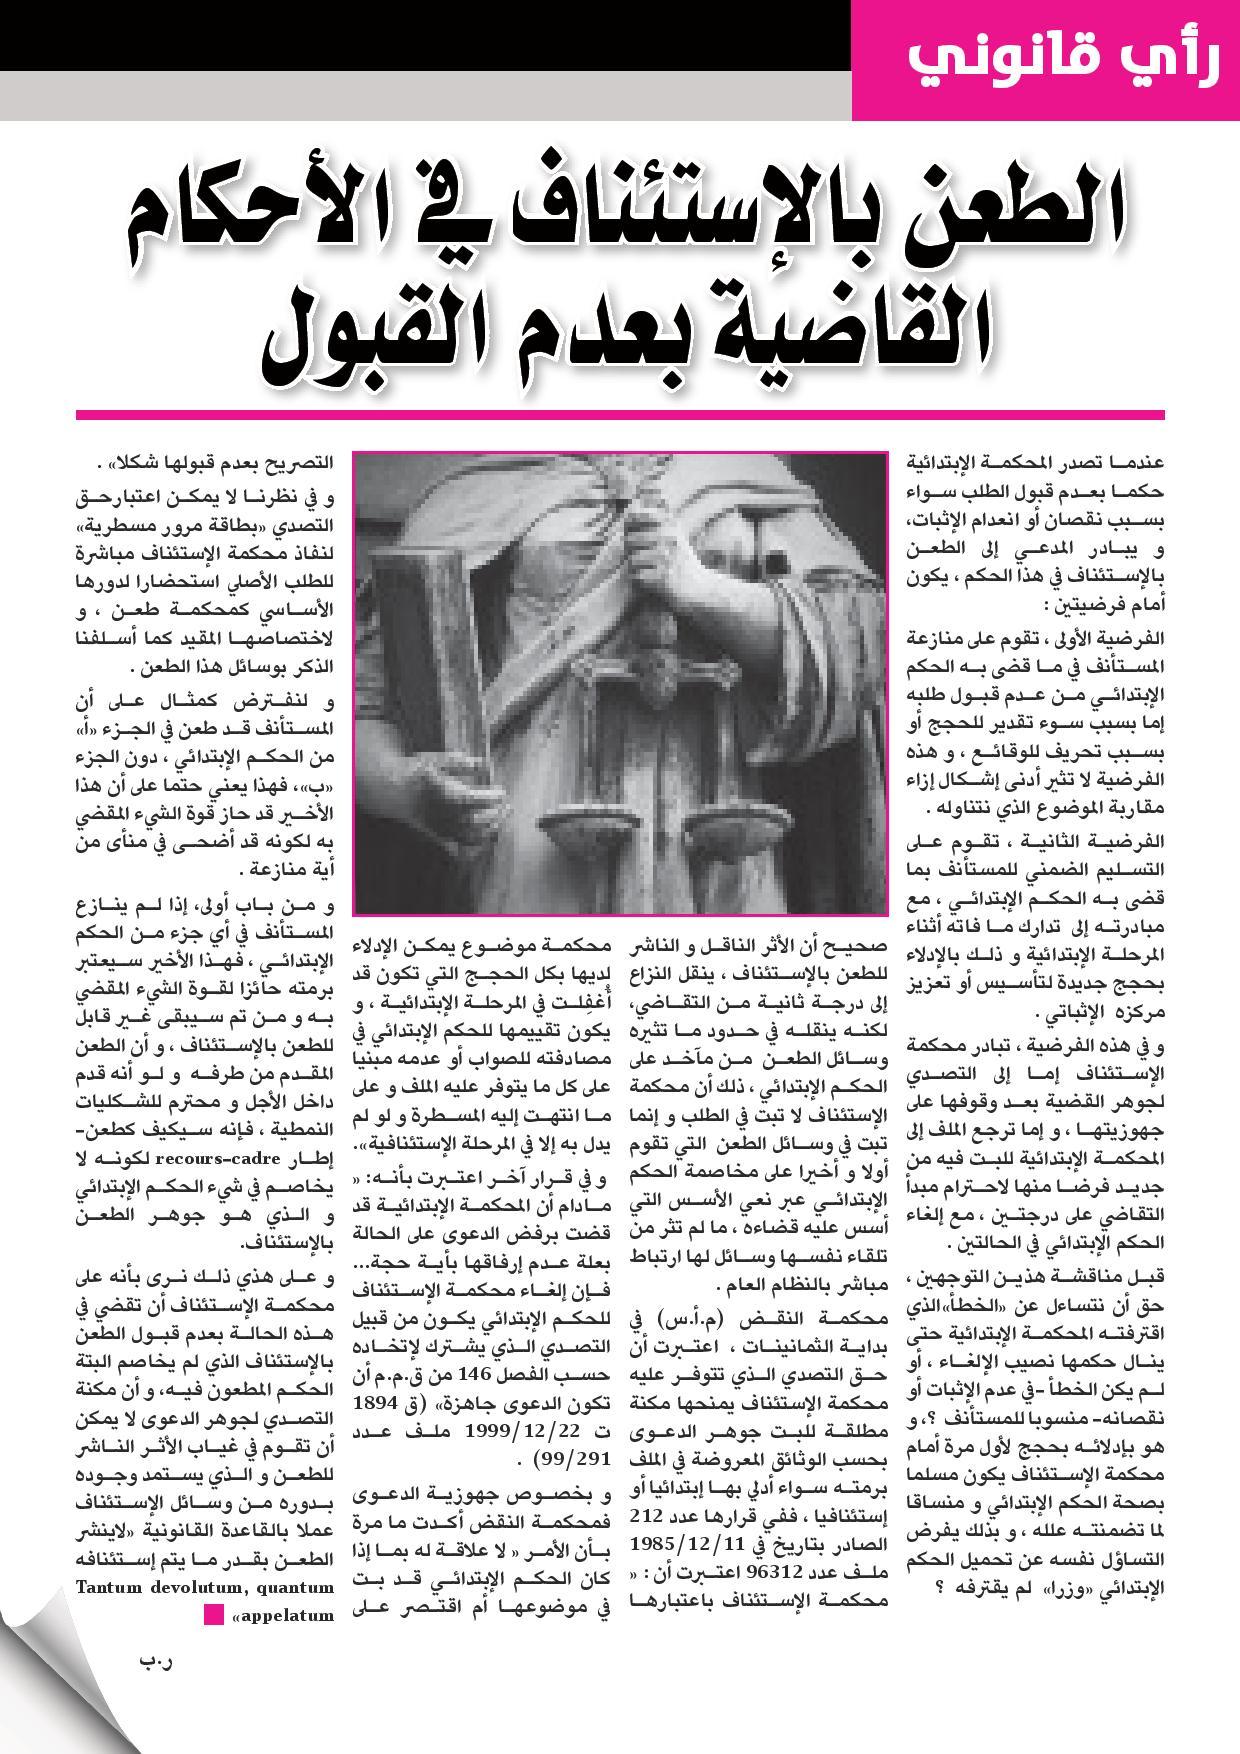 الطعن بالإستئناف في الأحكام القاضية بعدم القبول بقلم ذ/ رضى بلحسين